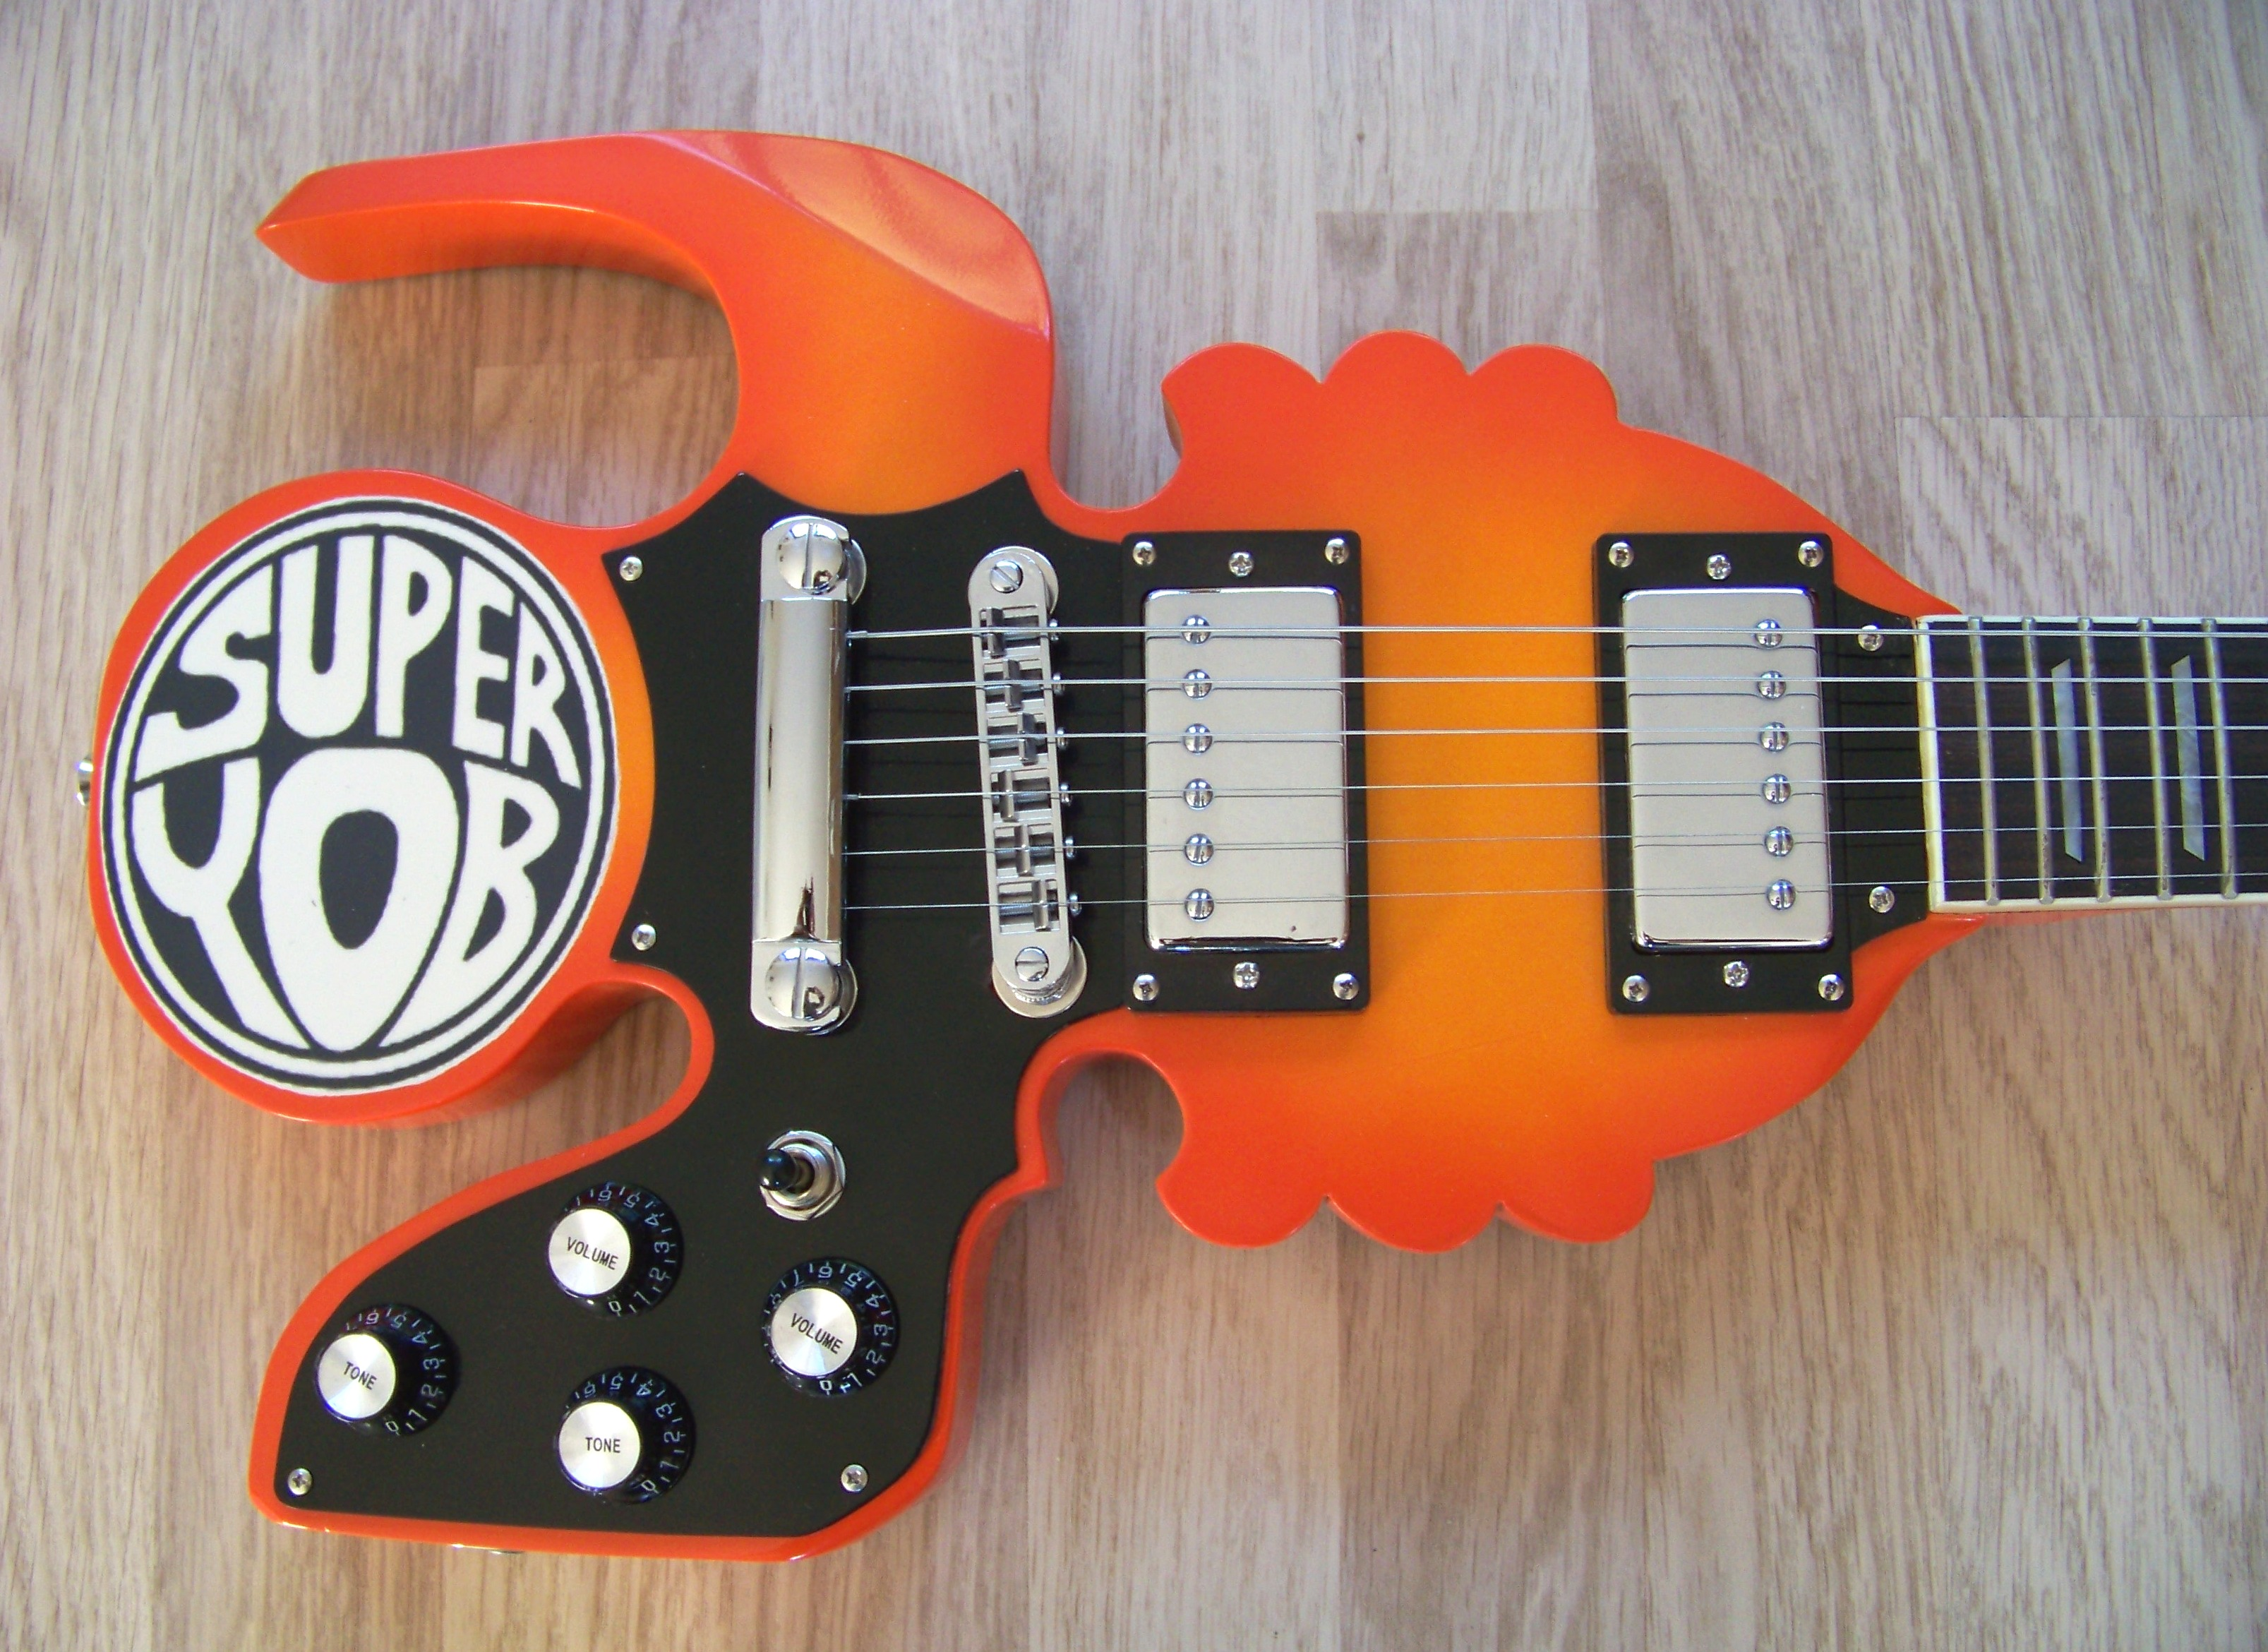 Super-Yob 1